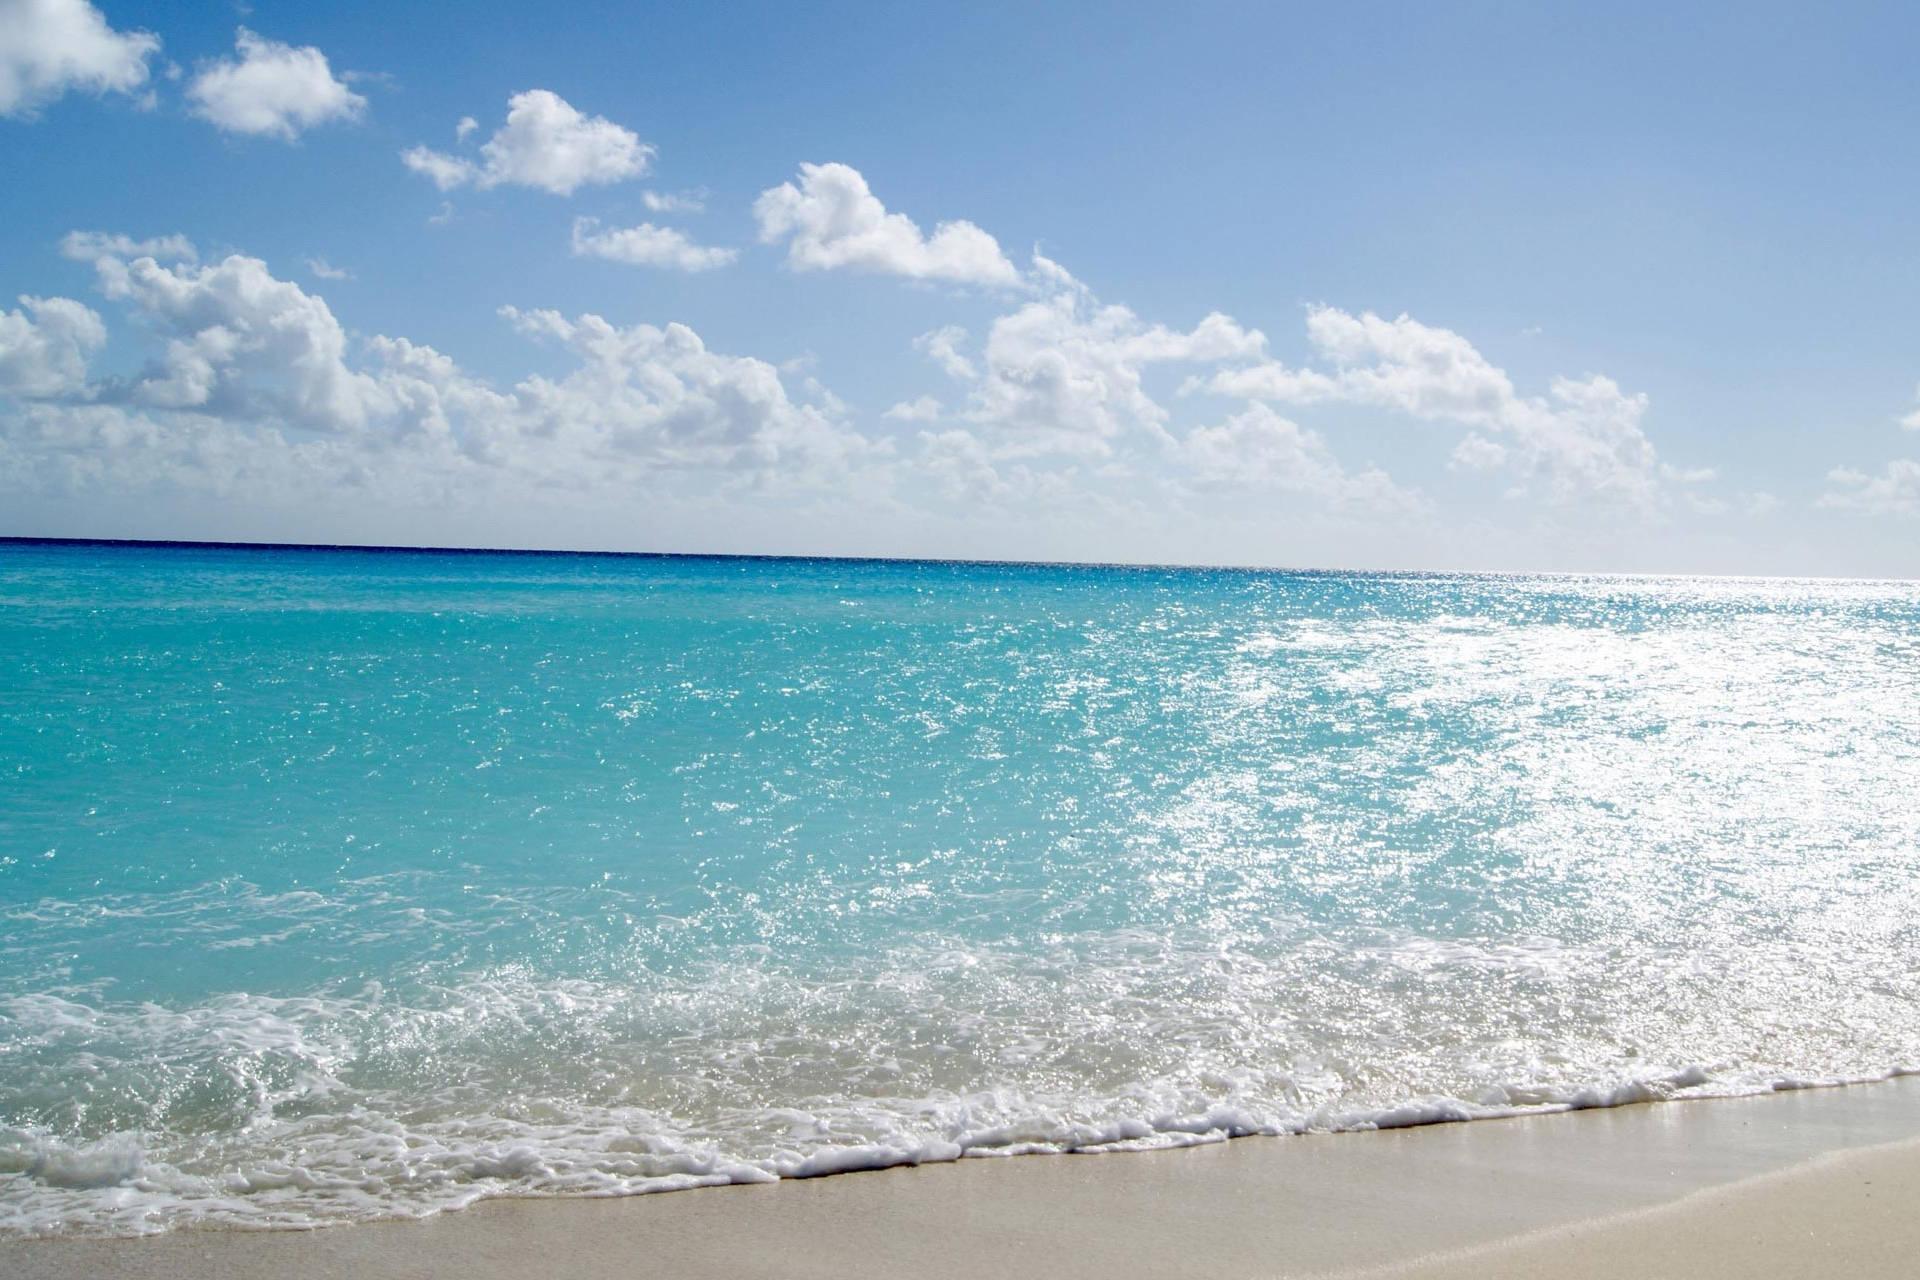 Beach medusa 146 cervia ristorante di pesce a cervia - Bagno palm beach pinarella ...